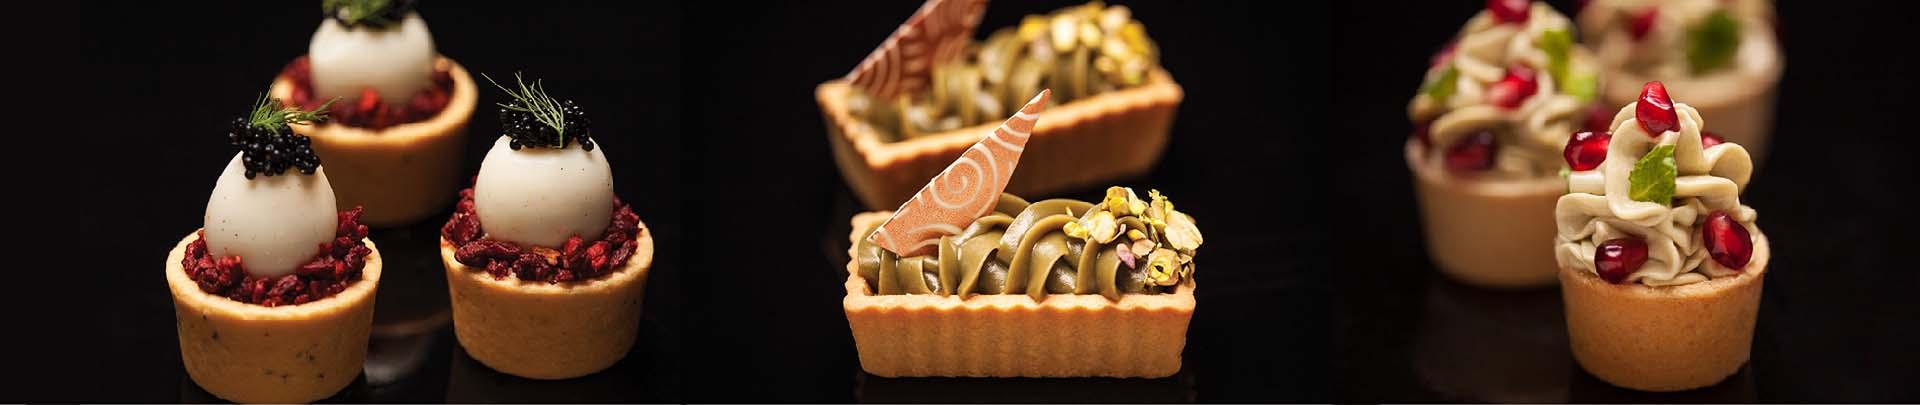 Conheça 3 diferentes tipos de bases para tortas e escolha a sua!